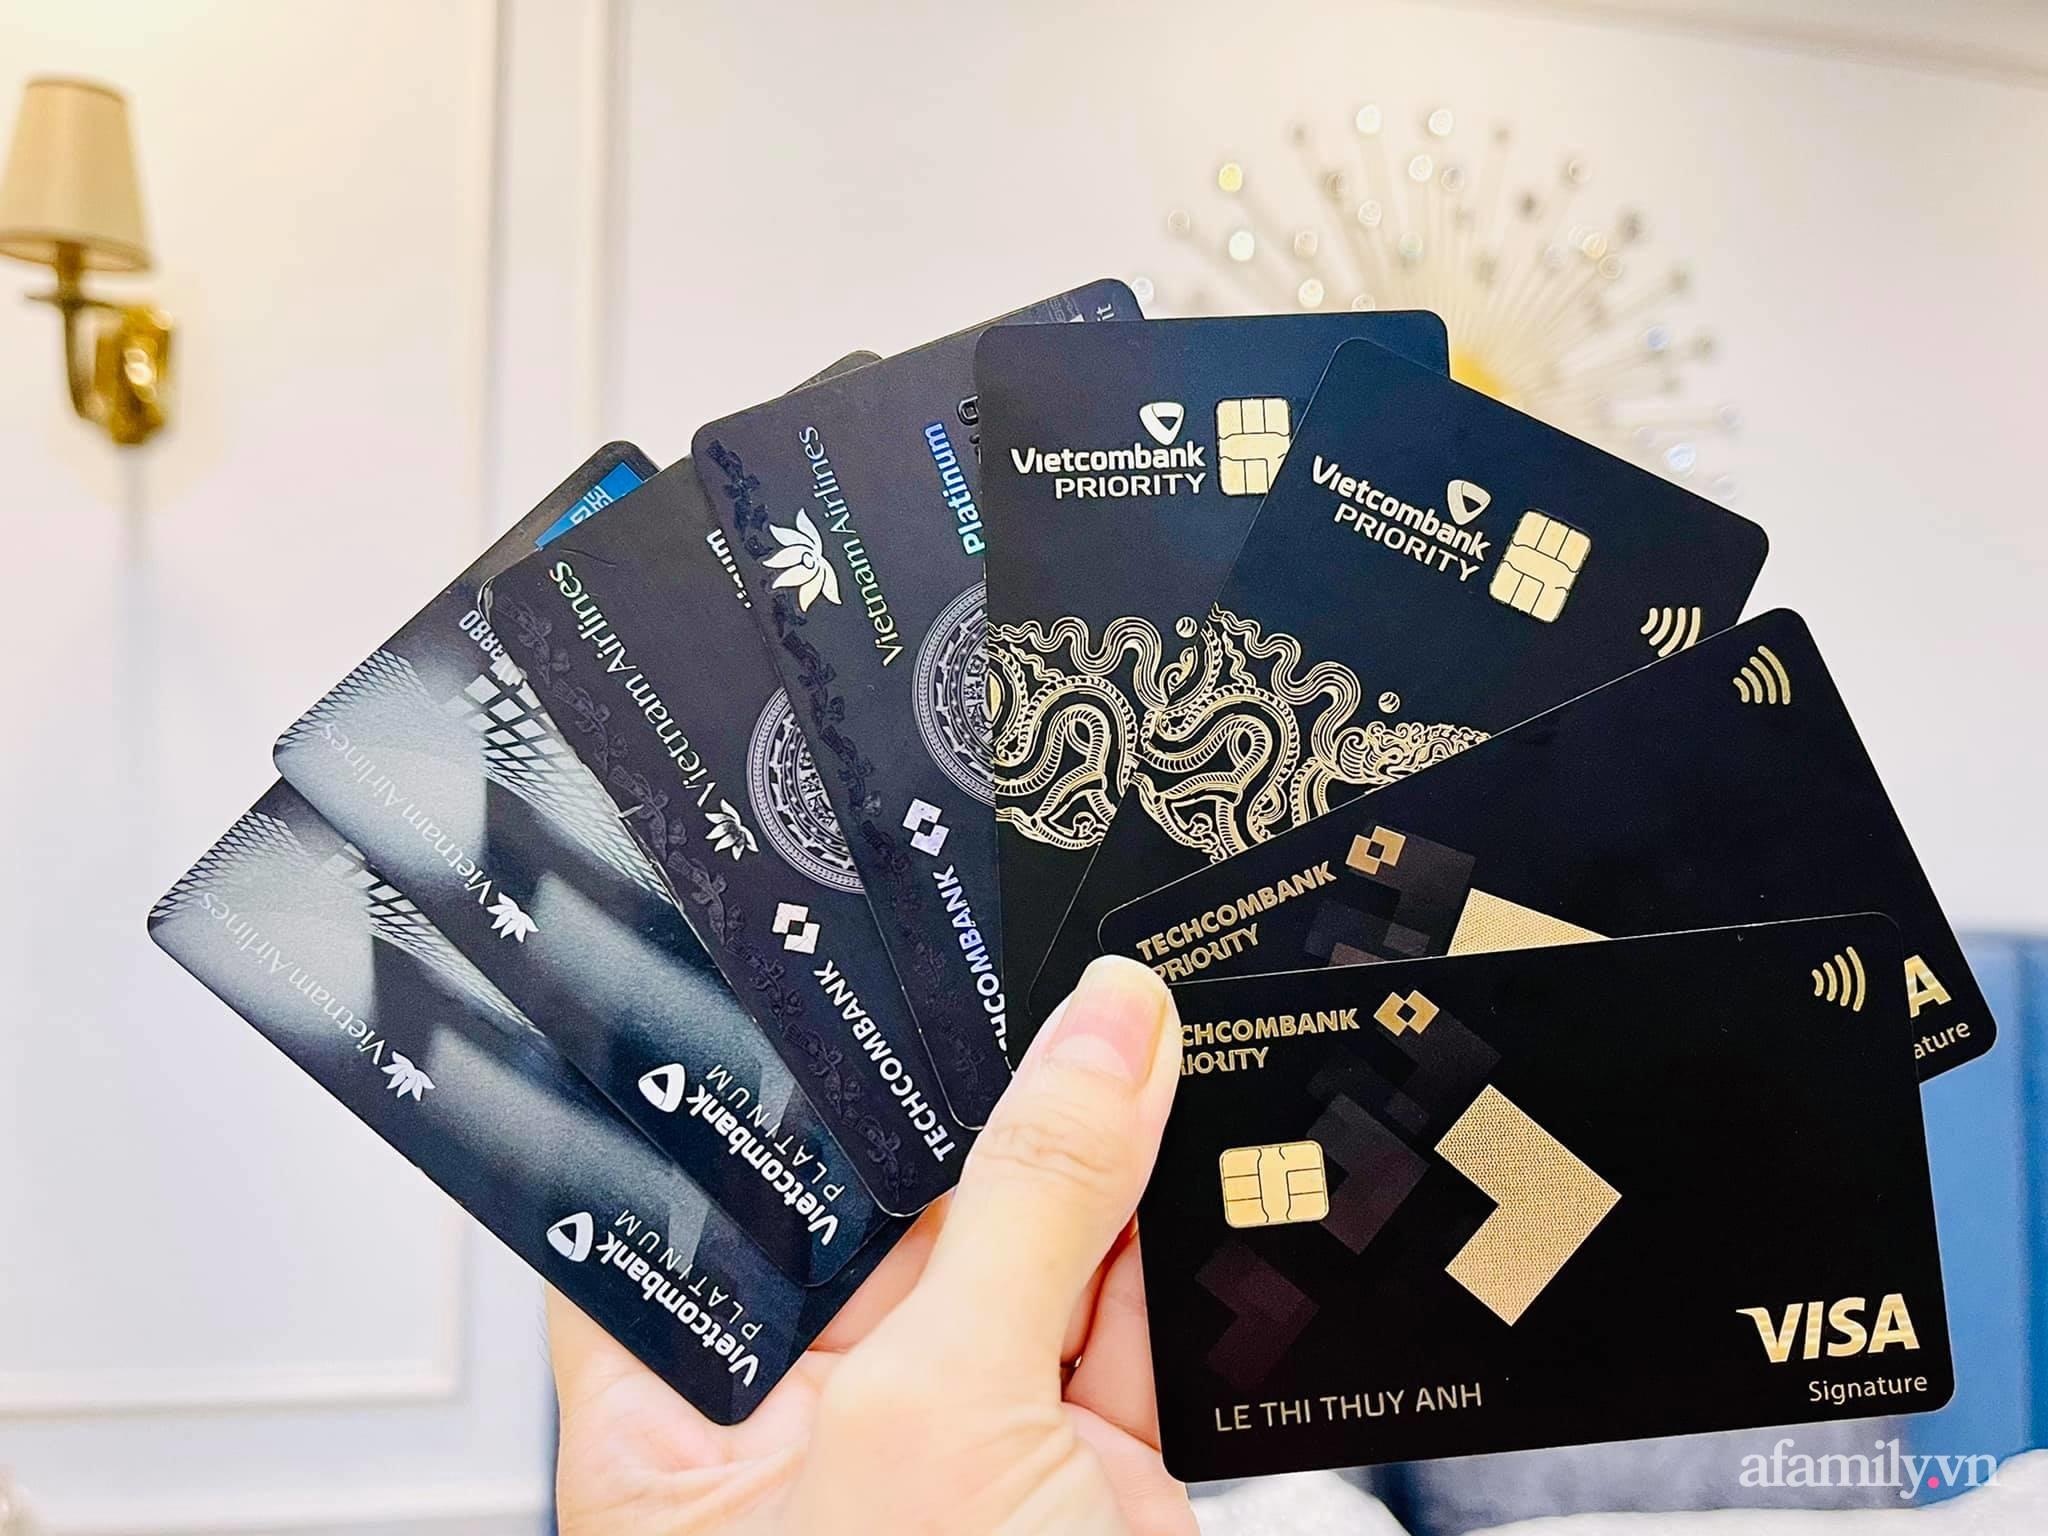 Vợ chồng Đăng Khôi sở hữu 8 chiếc thẻ đen quyền lực, soi đặc quyền mới thấy toàn dịch vụ ai cũng ao ước - Ảnh 2.